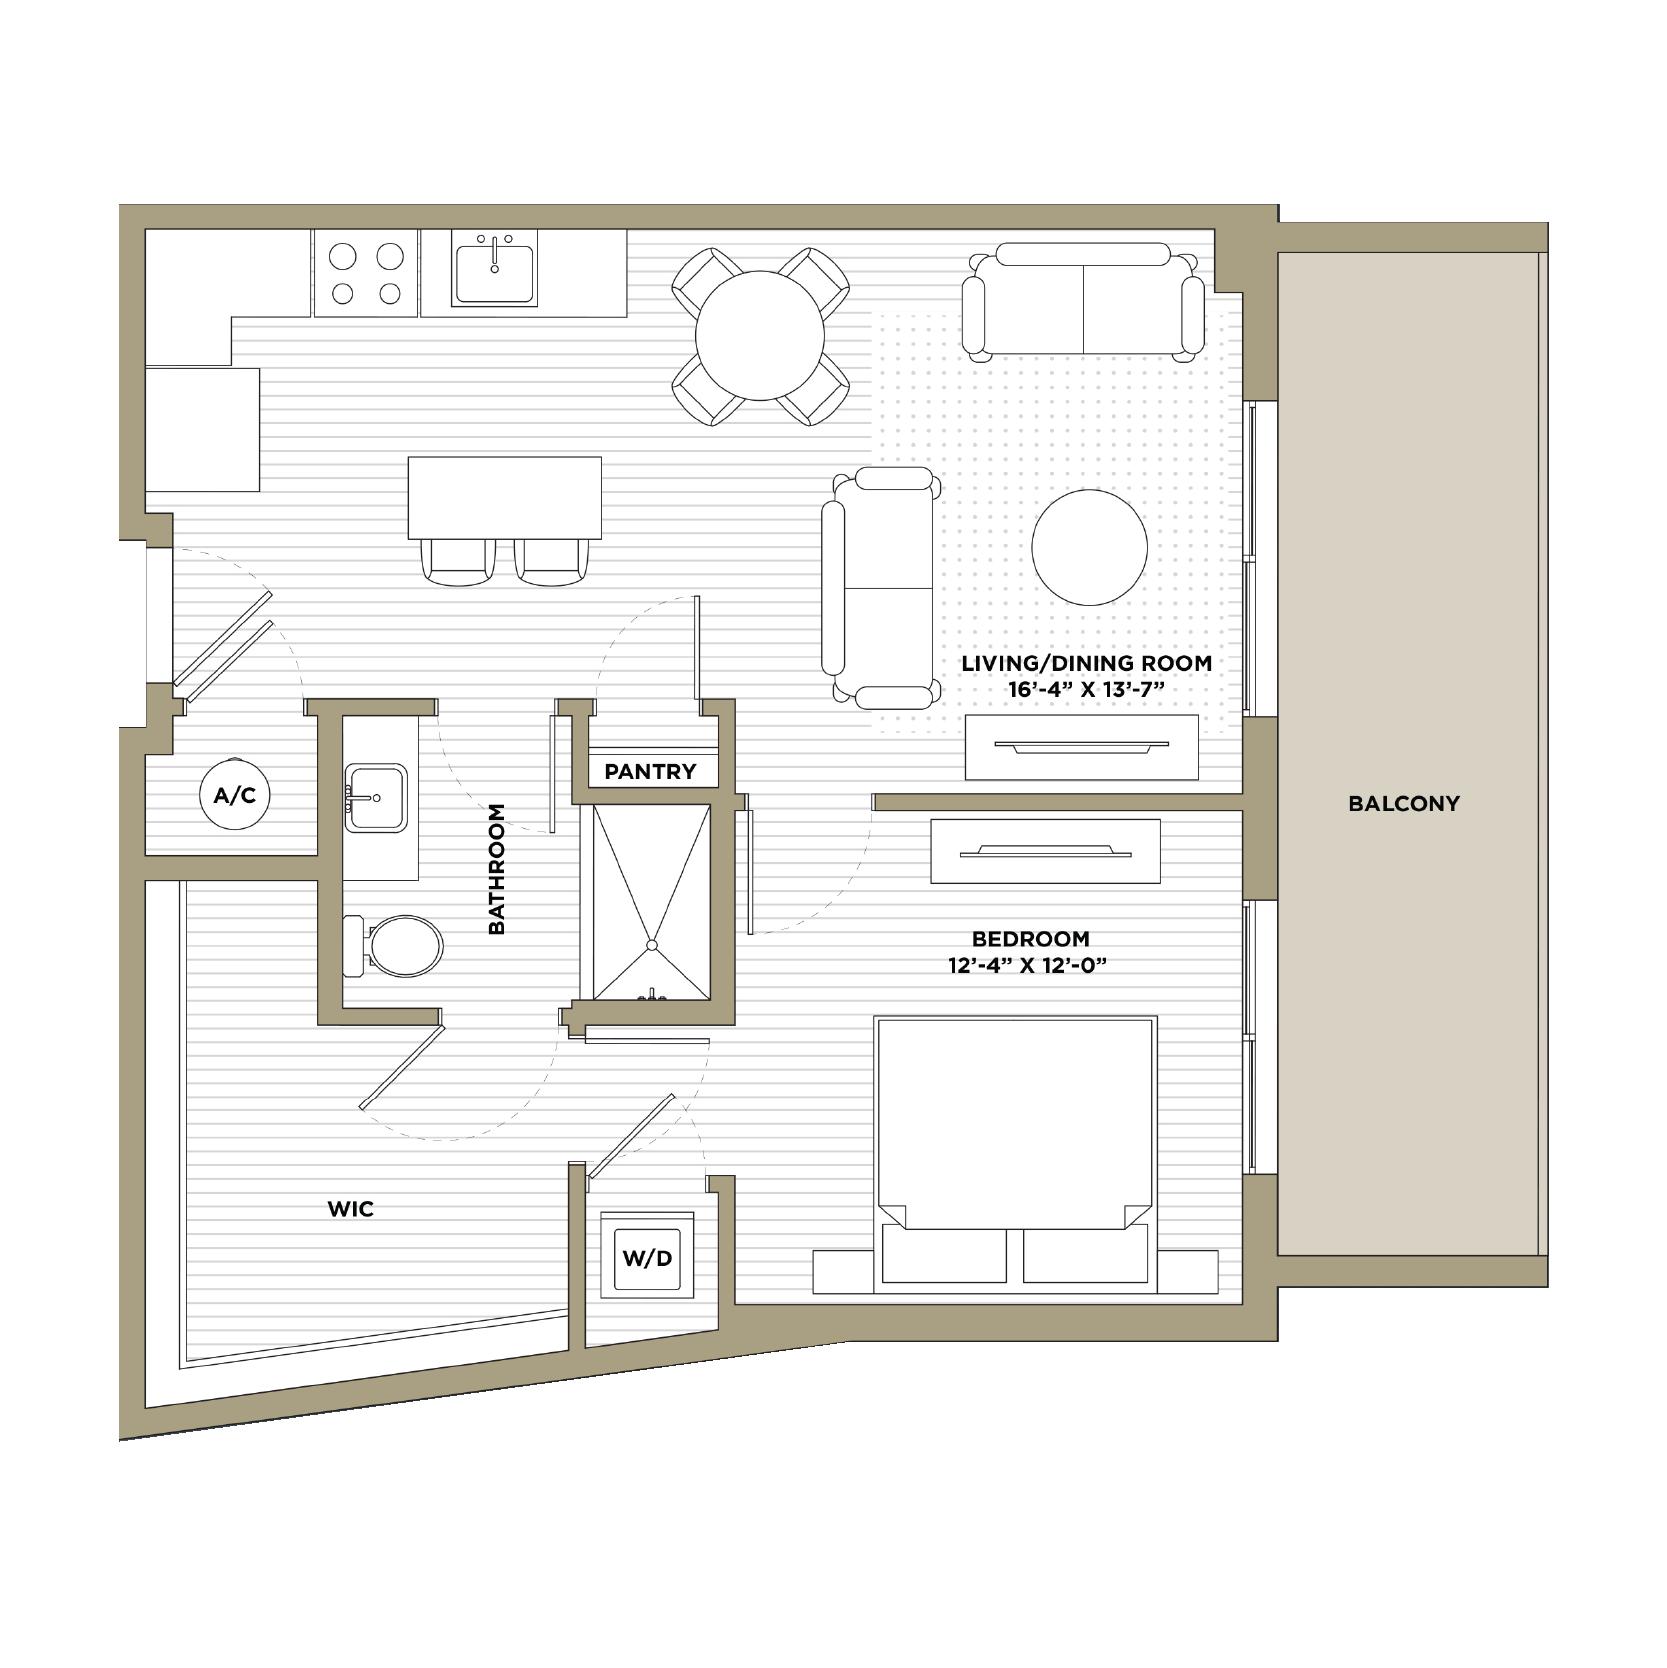 A14 - 1 Bedroom / 1 Bathroom779 sq. ft.